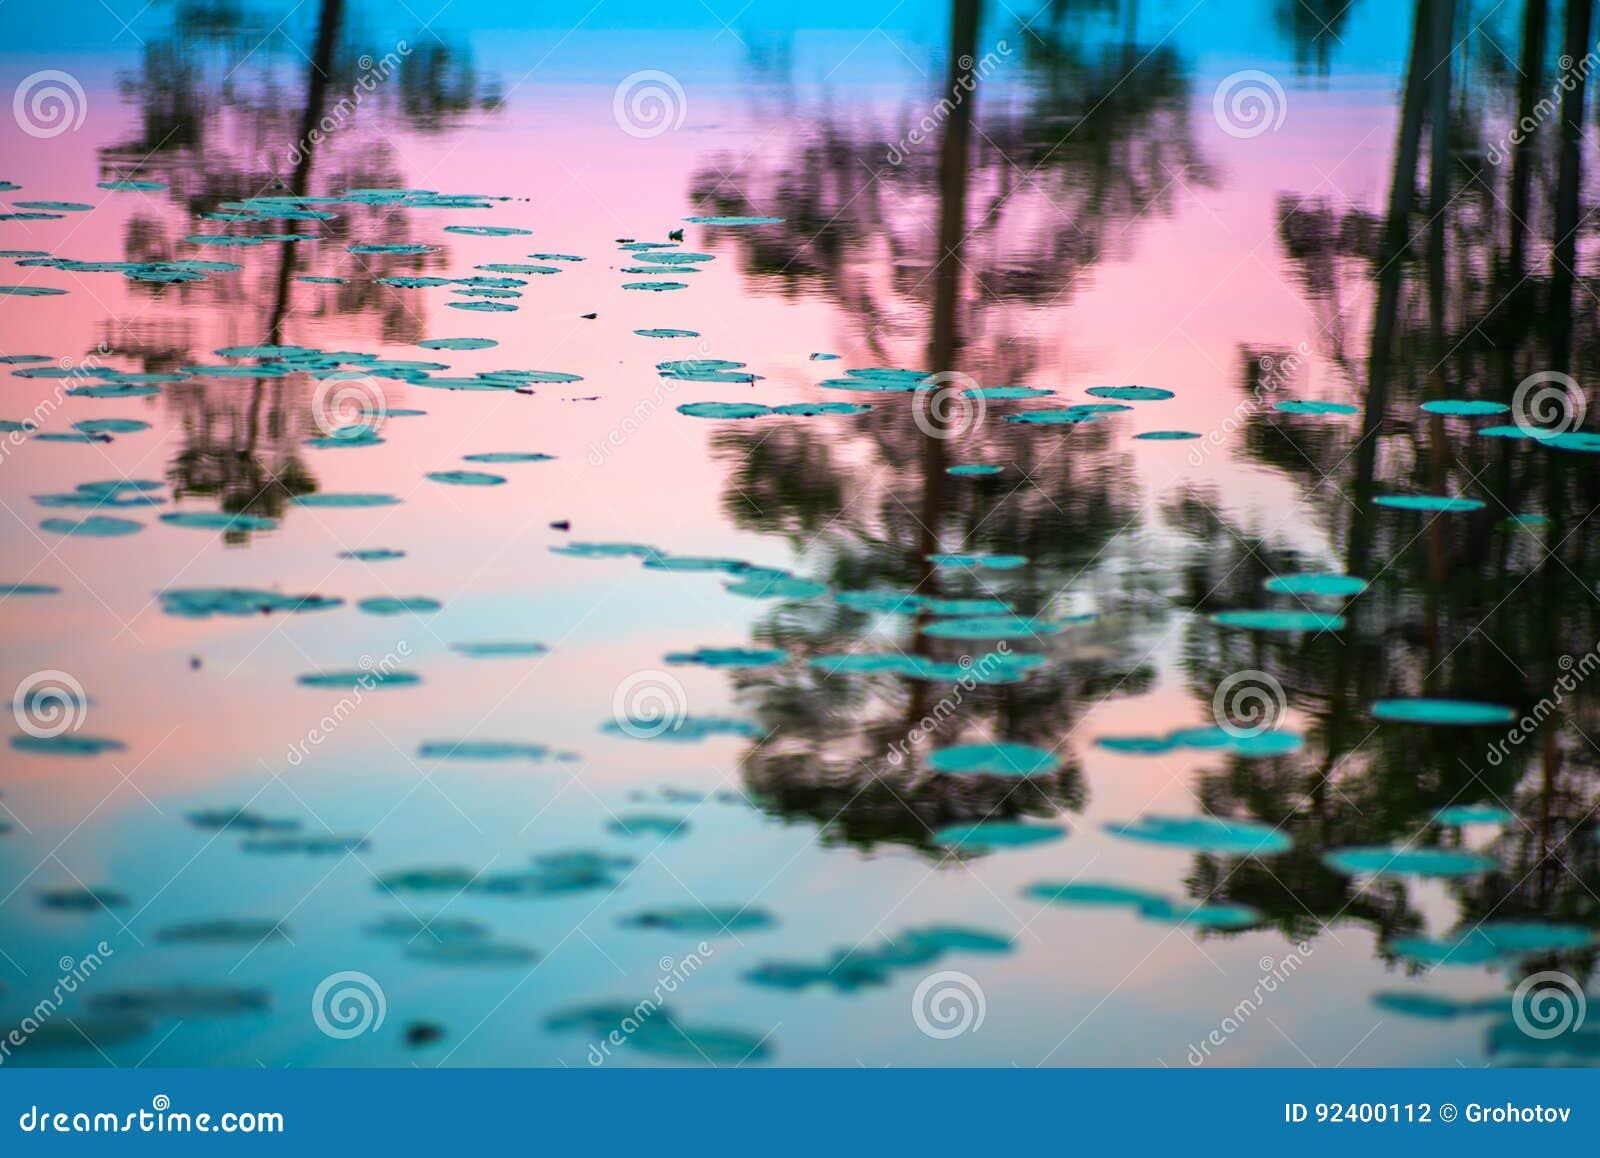 Jour polaire sans fin dans l Arctique Une belle réflexion du rose de ciel nocturne et arbres dans une eau brillante du lac